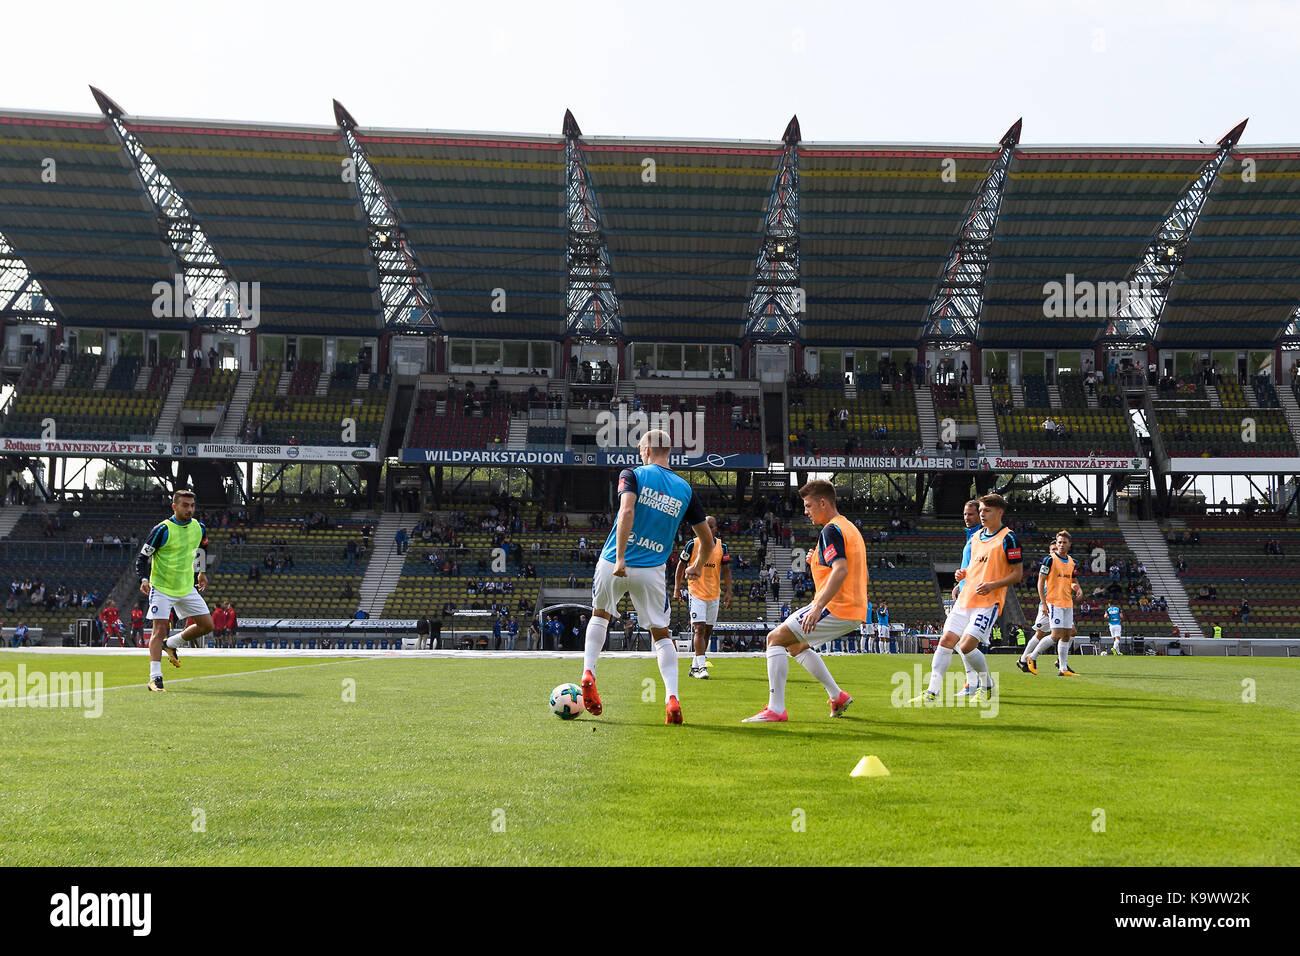 Karlsruhe, Deutschland. 24th Sep, 2017. Spieler des KSC beim Aufwaermen. GES/ Fussball/ 3. Liga: Karlsruher SC  - Stock Image